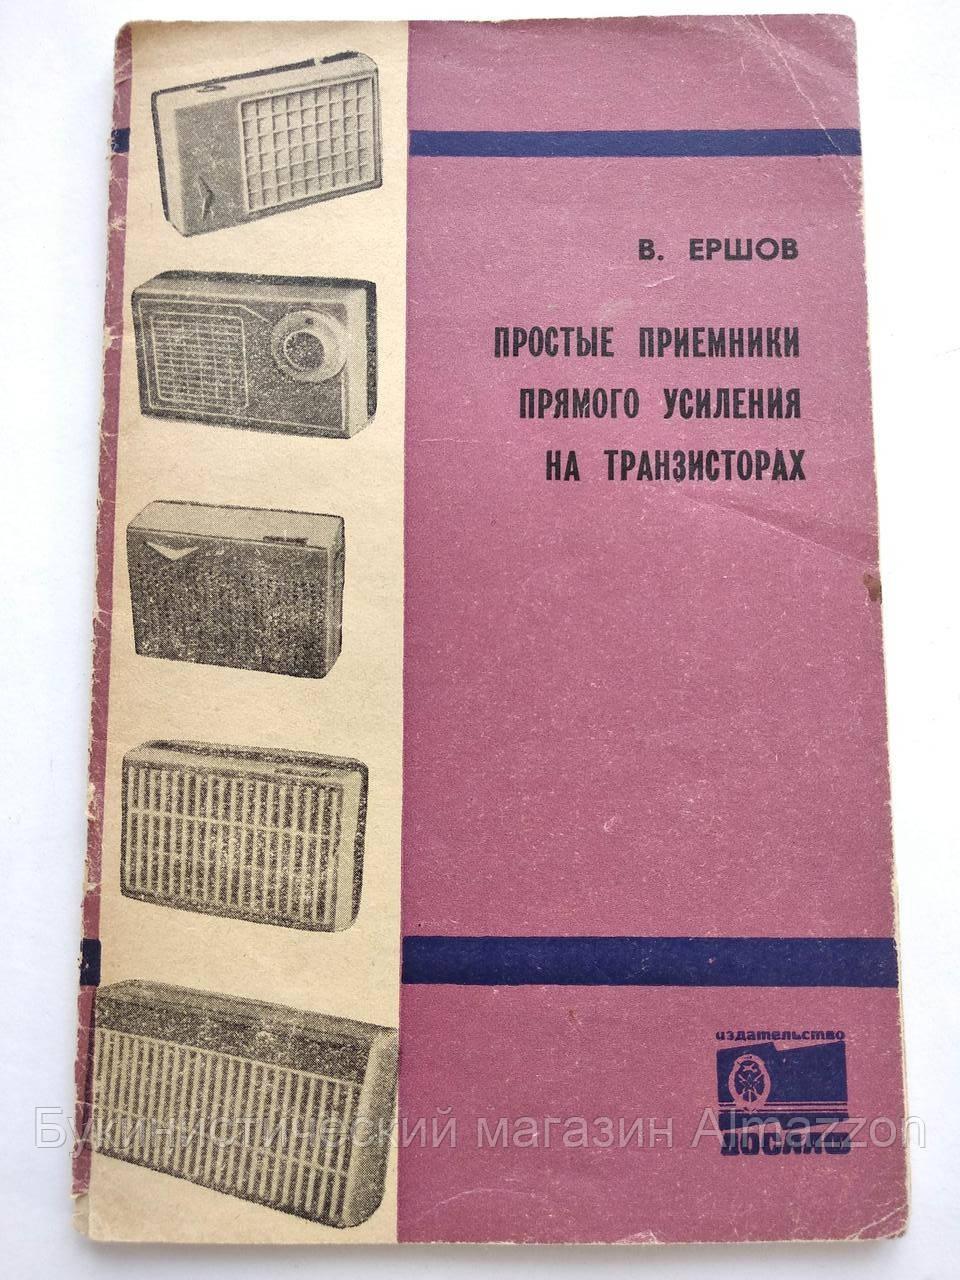 Простые приемники прямого усиления на транзисторах В.Ершов Издательство Досааф